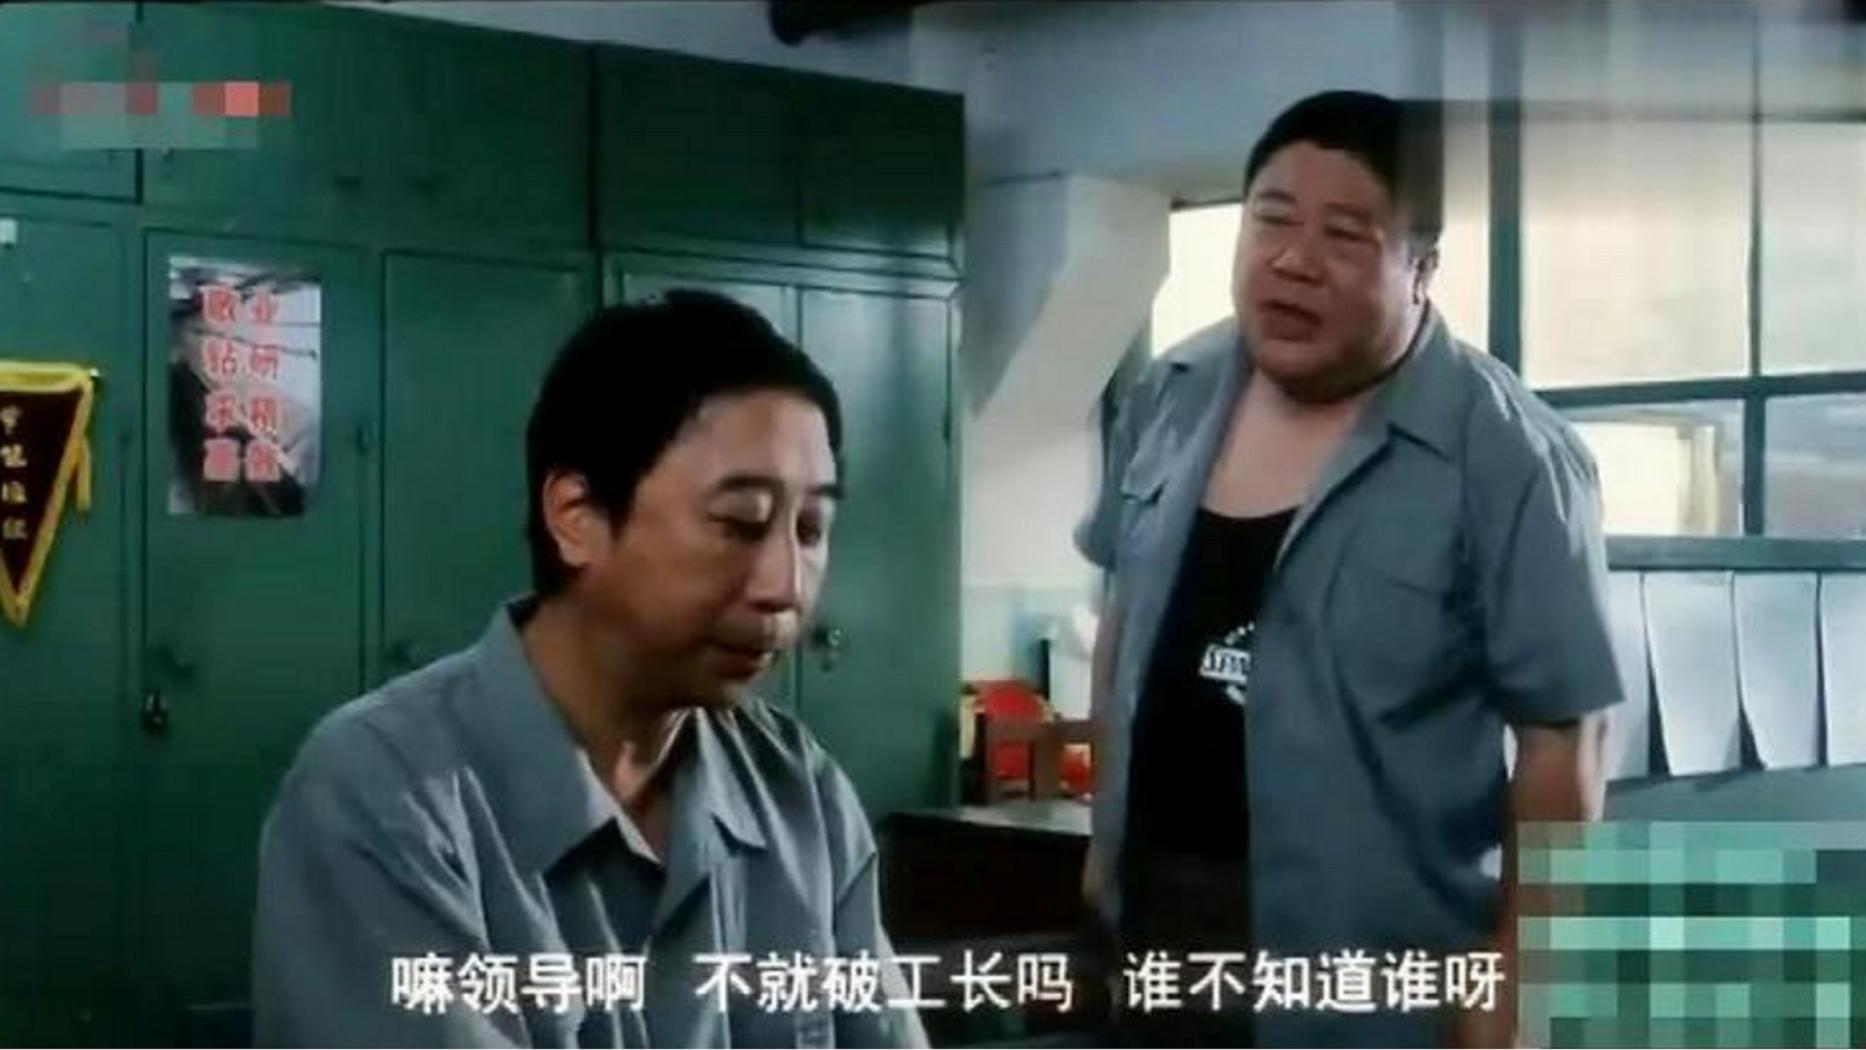 冯巩和刘金山凑一块不说相声可惜了,这段天津口音的段子全是包袱